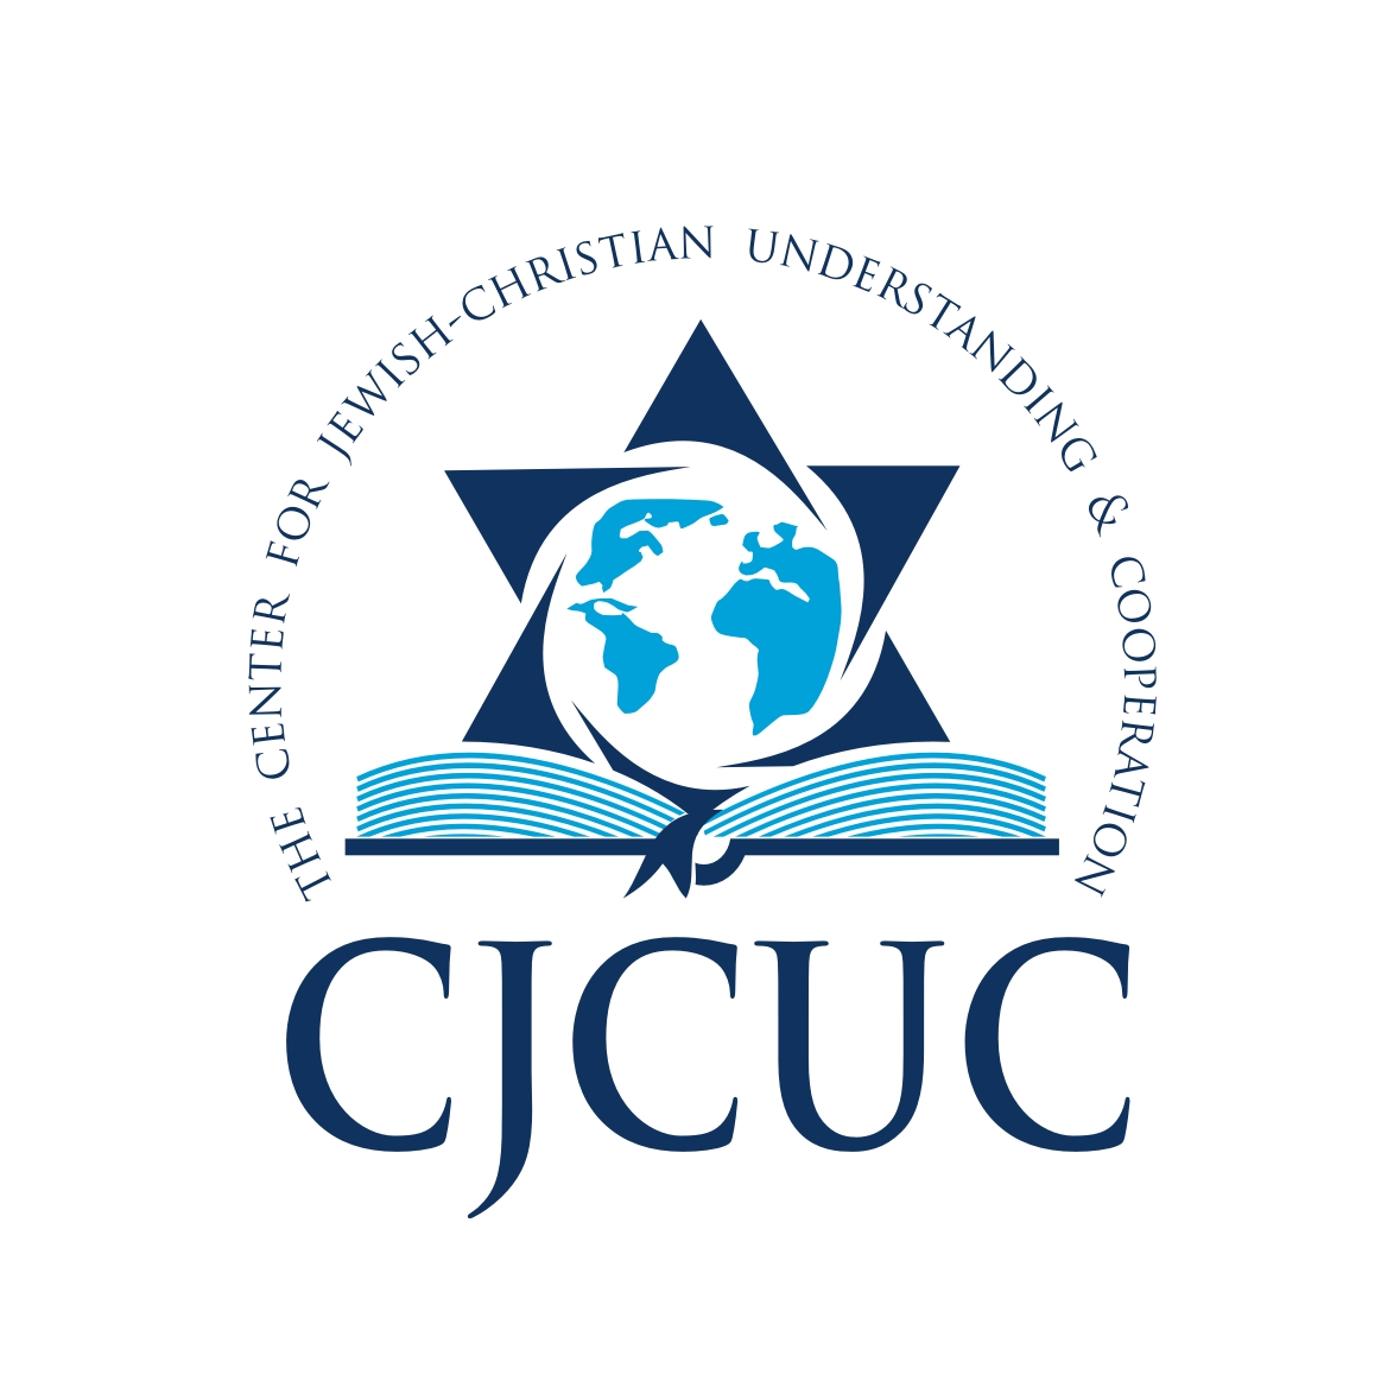 キリスト教信仰に関する正統派ラビの声明